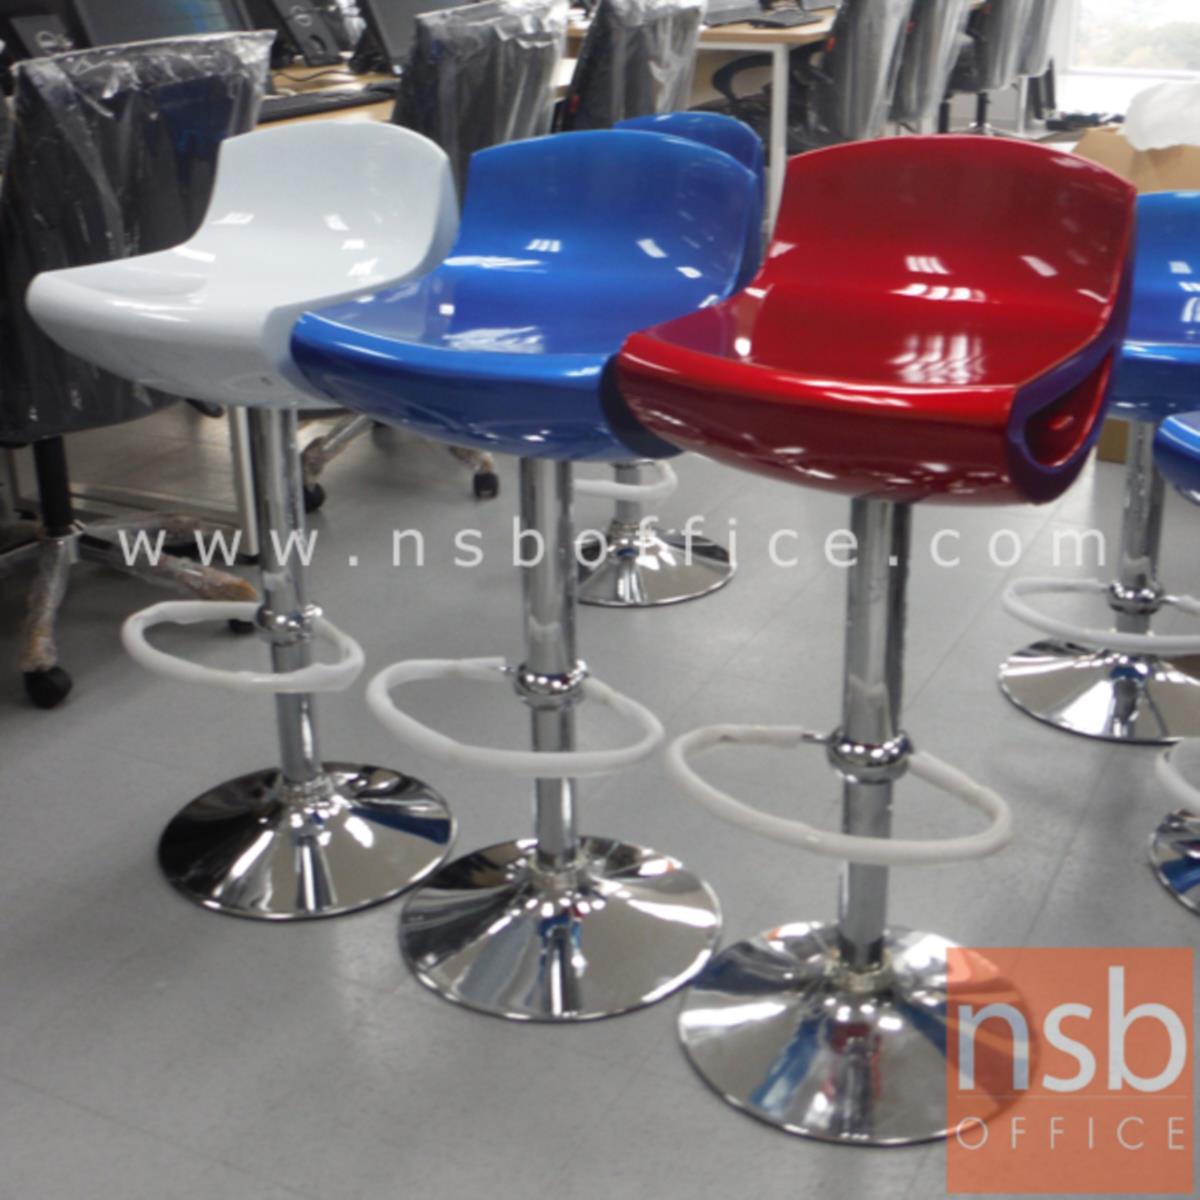 เก้าอี้บาร์สูง ABS รุ่น Walpole (วอลโพล) ขนาด 35W cm. ขาโครเมี่ยมฐานจานกลม